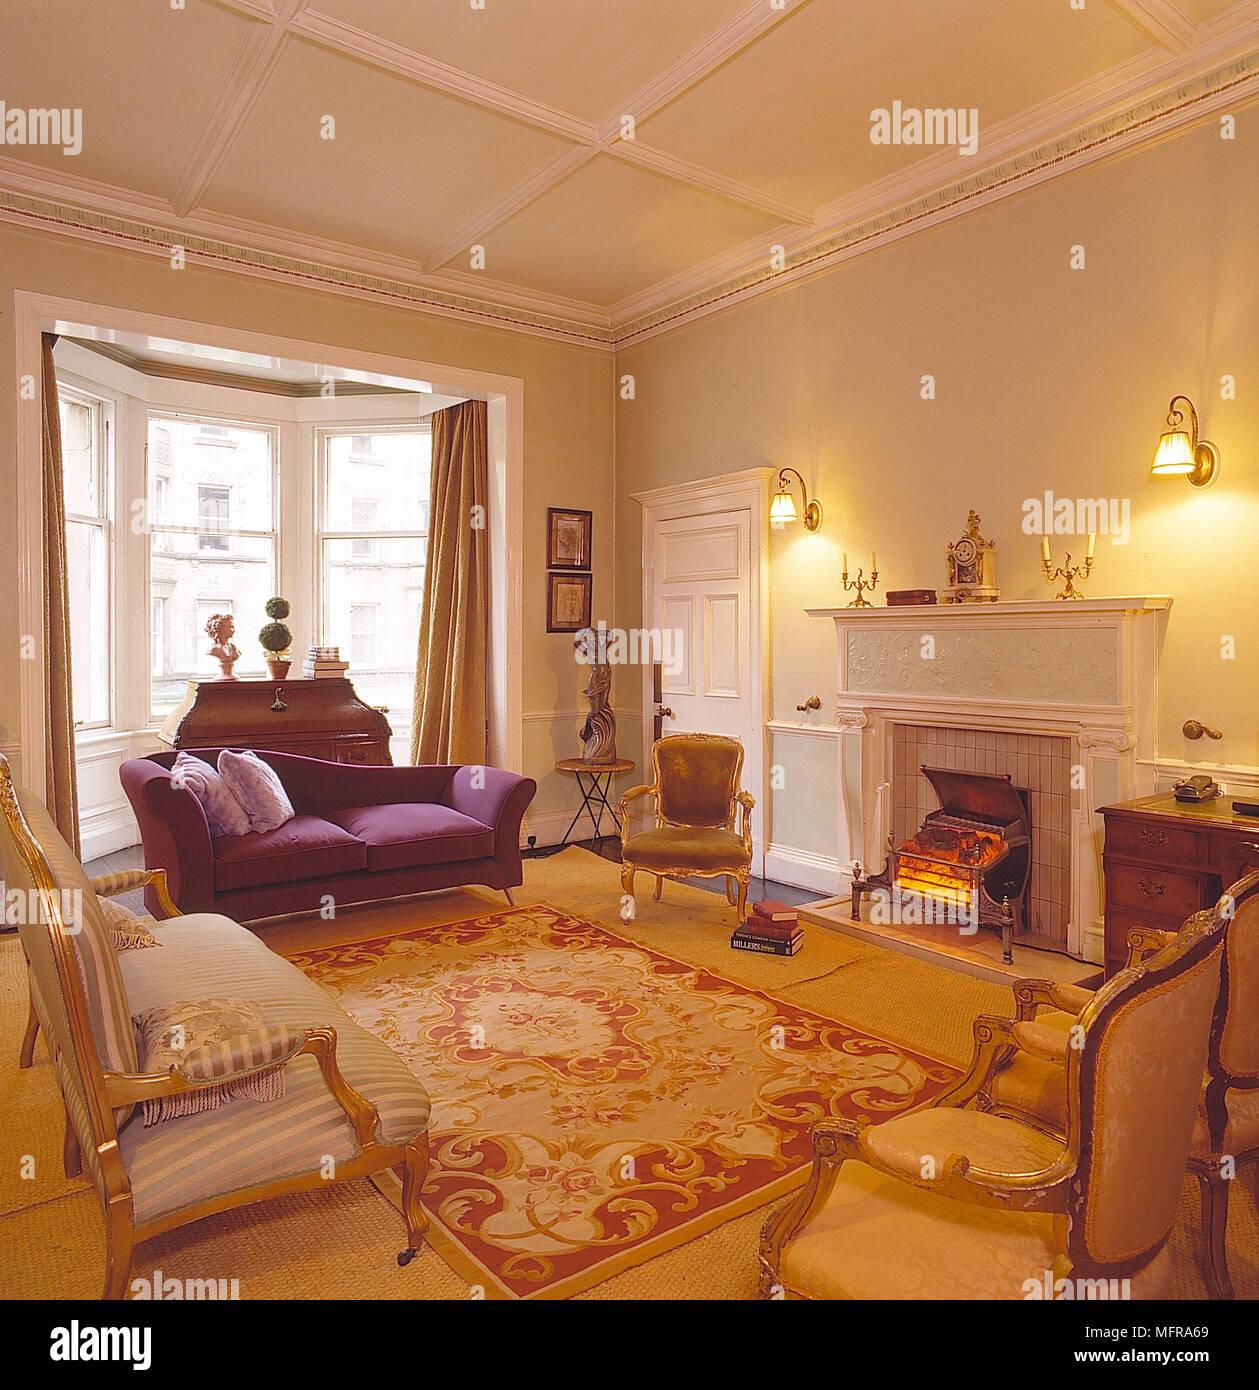 Wohnzimmer Gelben Wänden Goldenen Teppich Roter Teppich Lila Couch Sessel  Gardinen Erker Kamin Innenräume Zimmer Feuer Wände Leuchten Schreibtisch ...